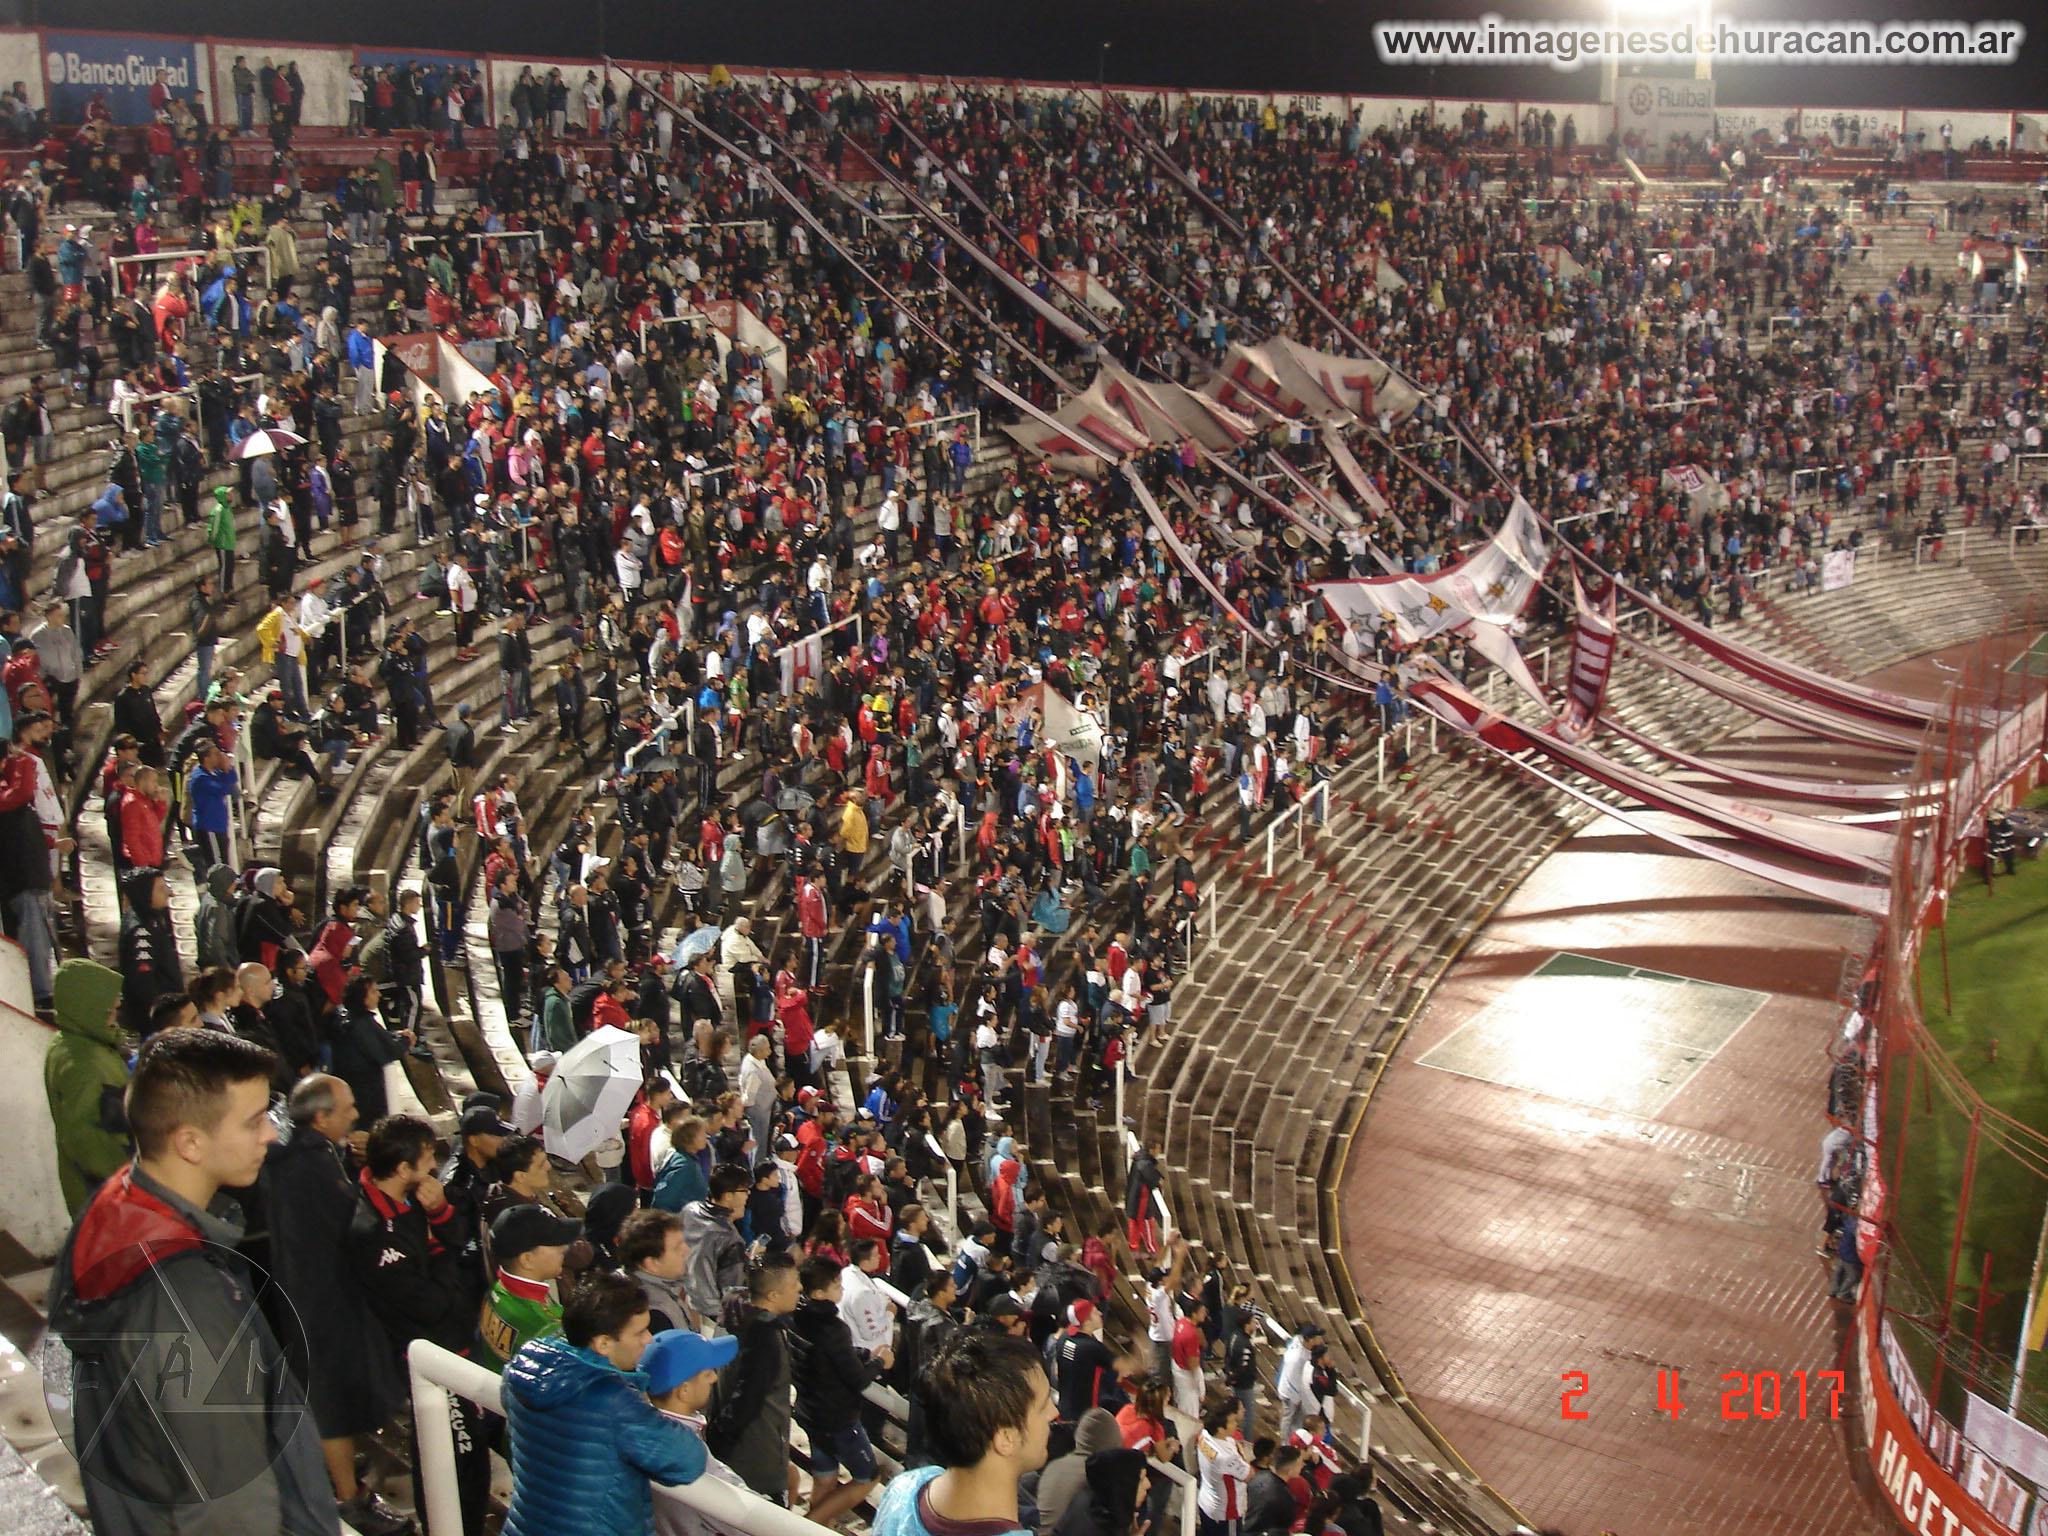 Huracán Patronato primera división 2016 2017 fecha 18